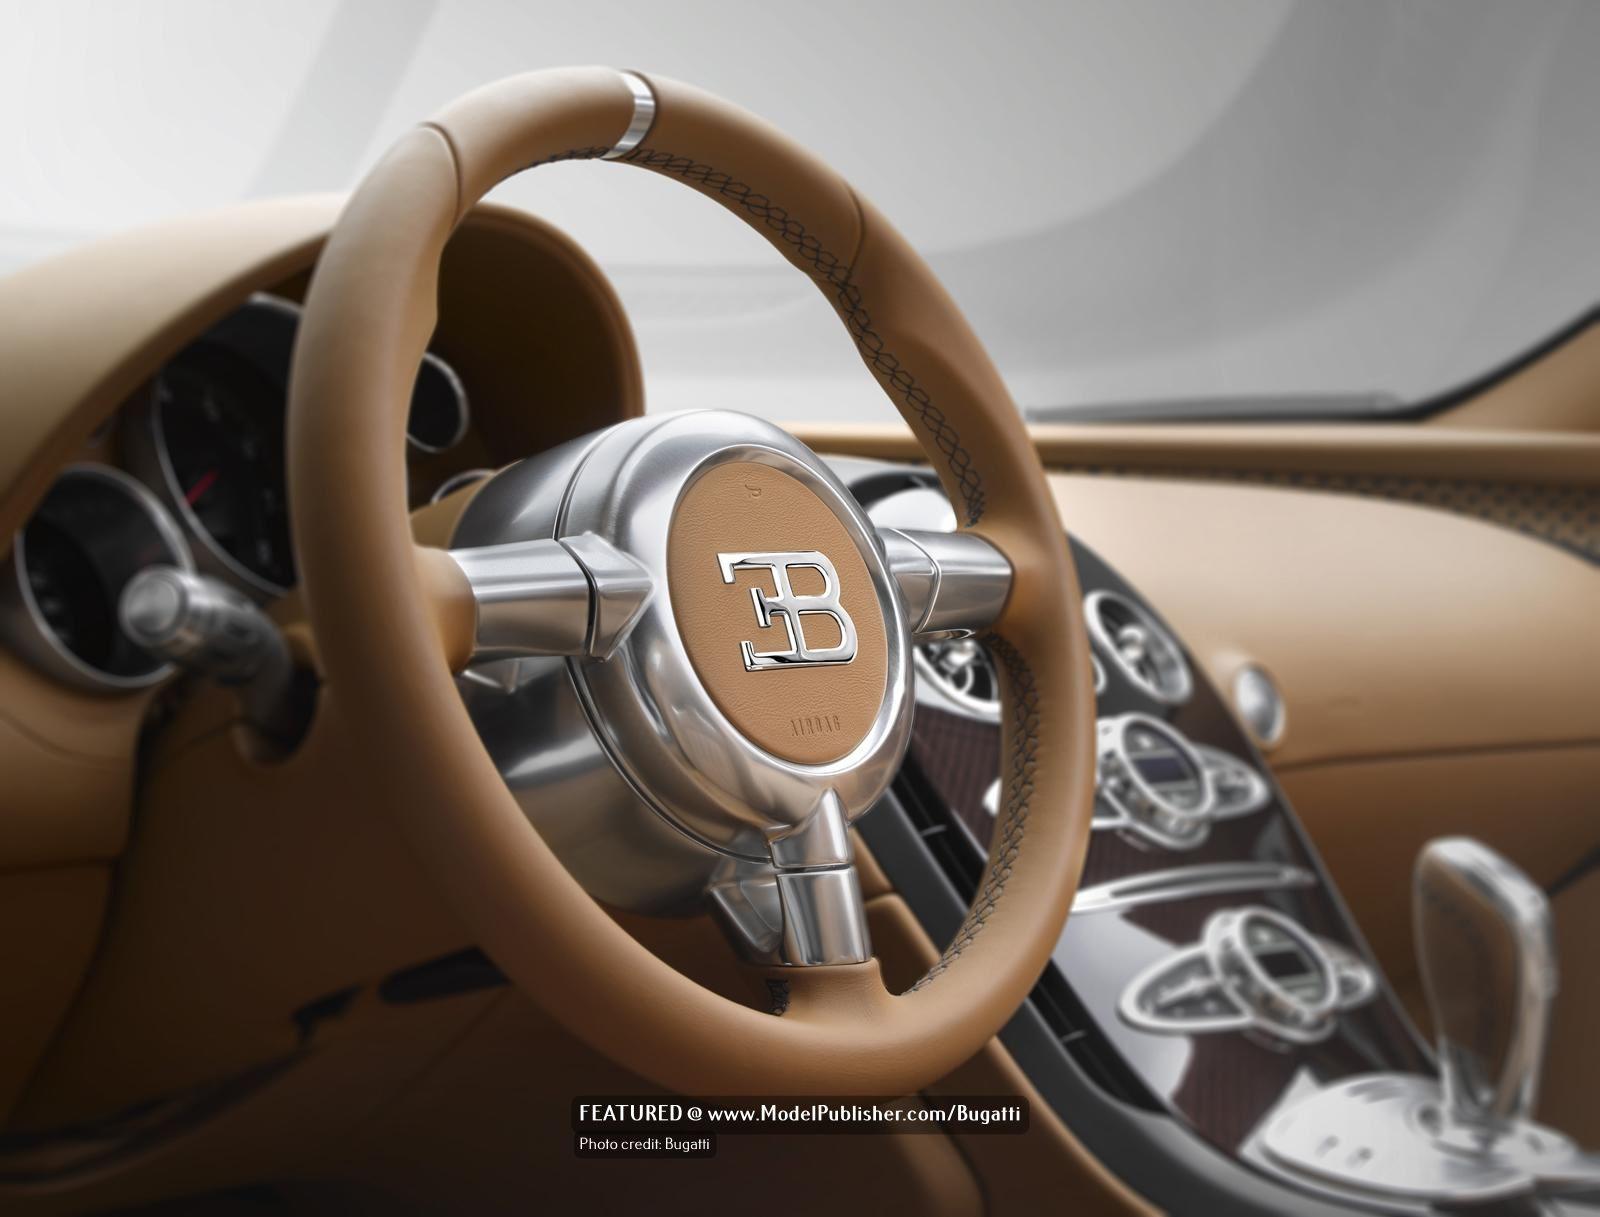 b196ef0e0a9285024139fef5d70409fd Cozy Bugatti Veyron Rembrandt Edition Price Cars Trend